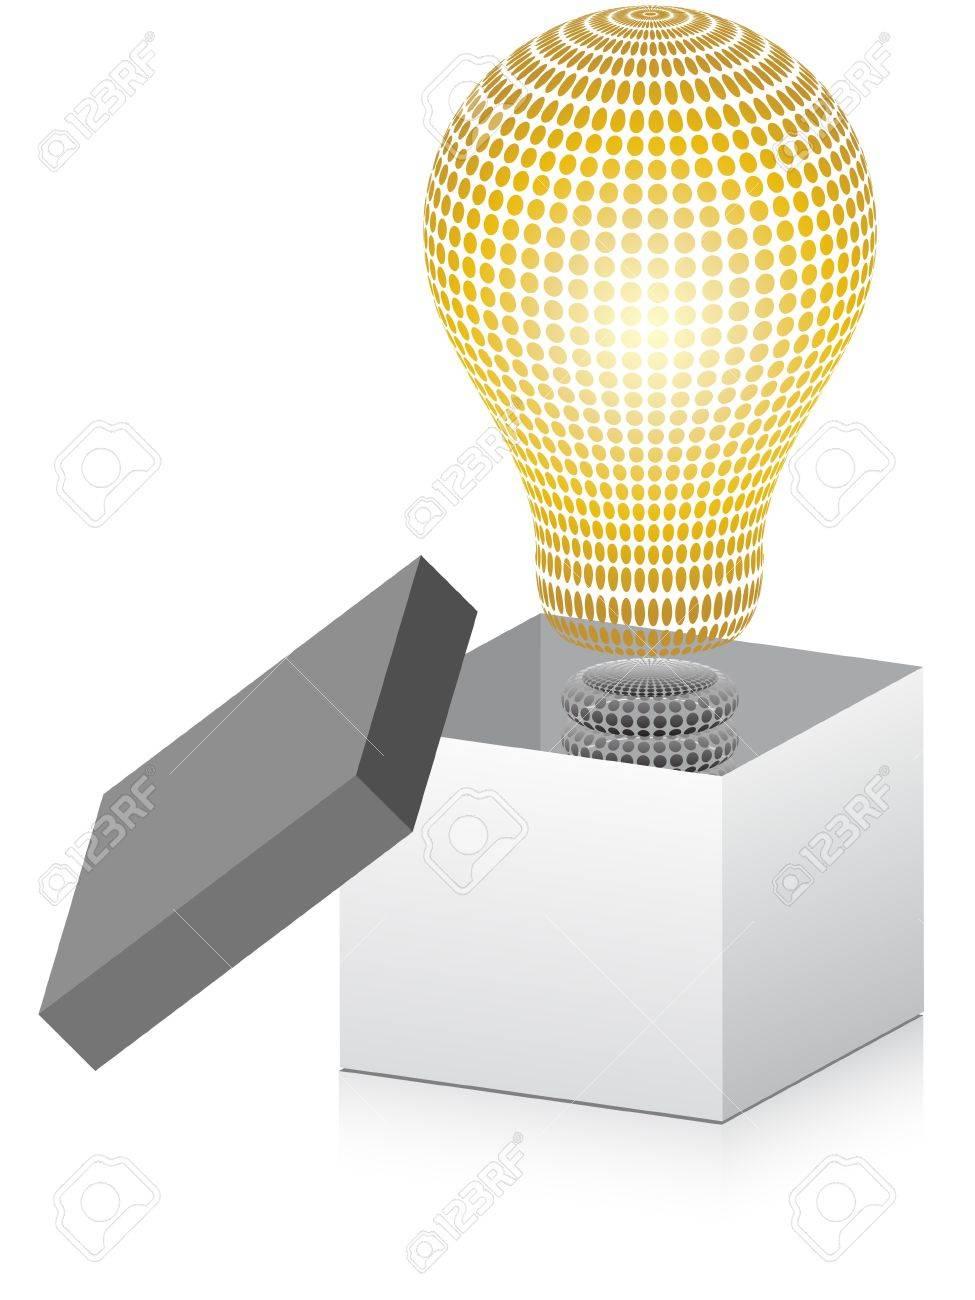 open box with lightbulb inside Stock Vector - 10806025